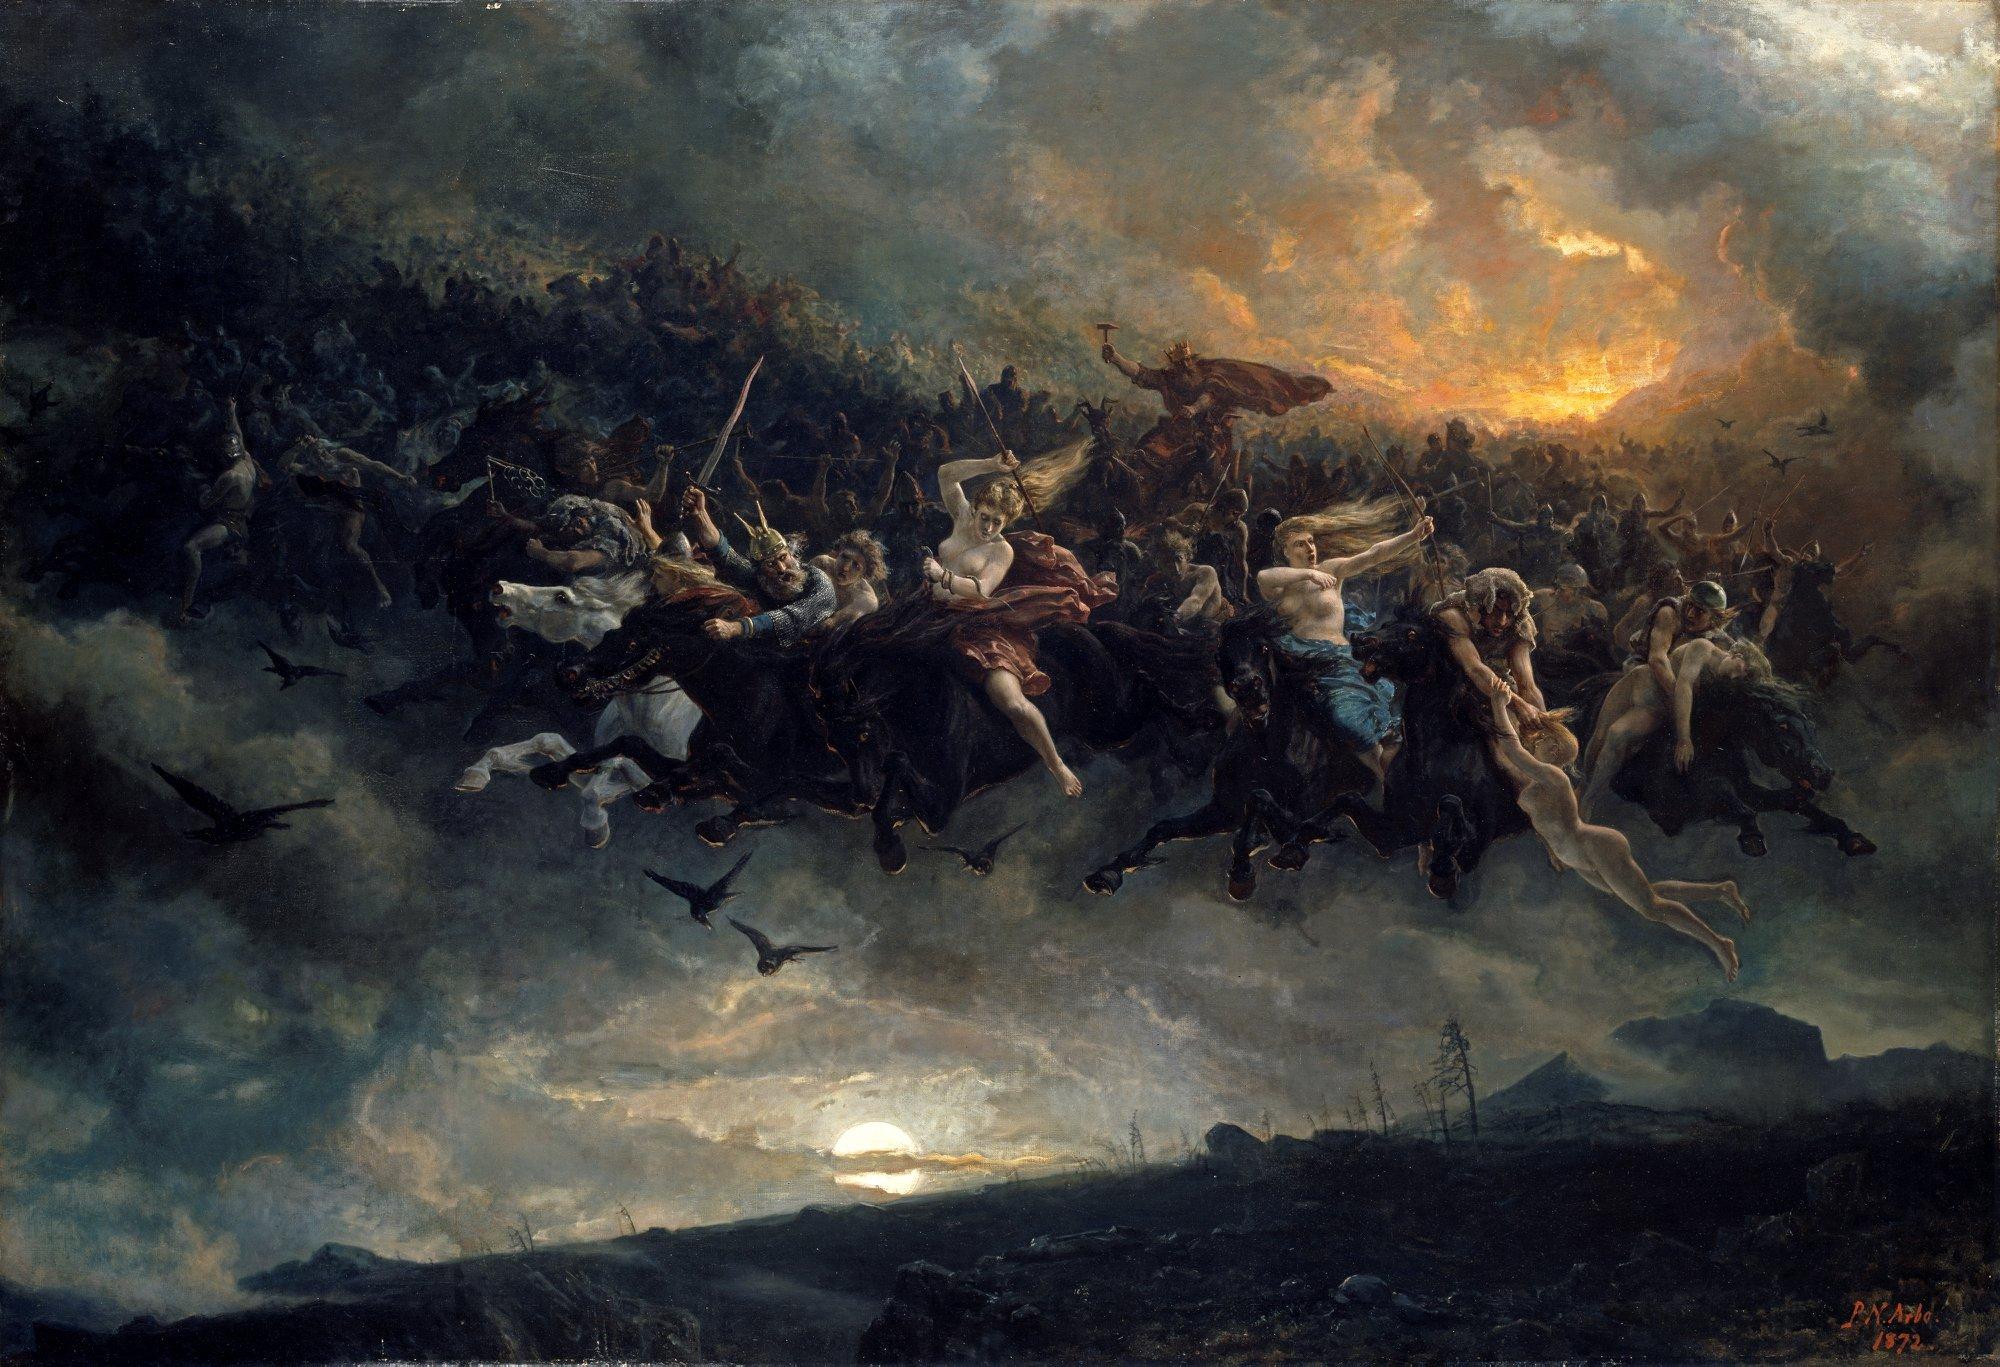 Åsgårdsreien, o The Wild Hunt of Odin; un elemento del folklore escandinavo que sirvió de inspiración para la Cacería Salvaje de la obra de Sapkowski, cuyos integrantes son elfos